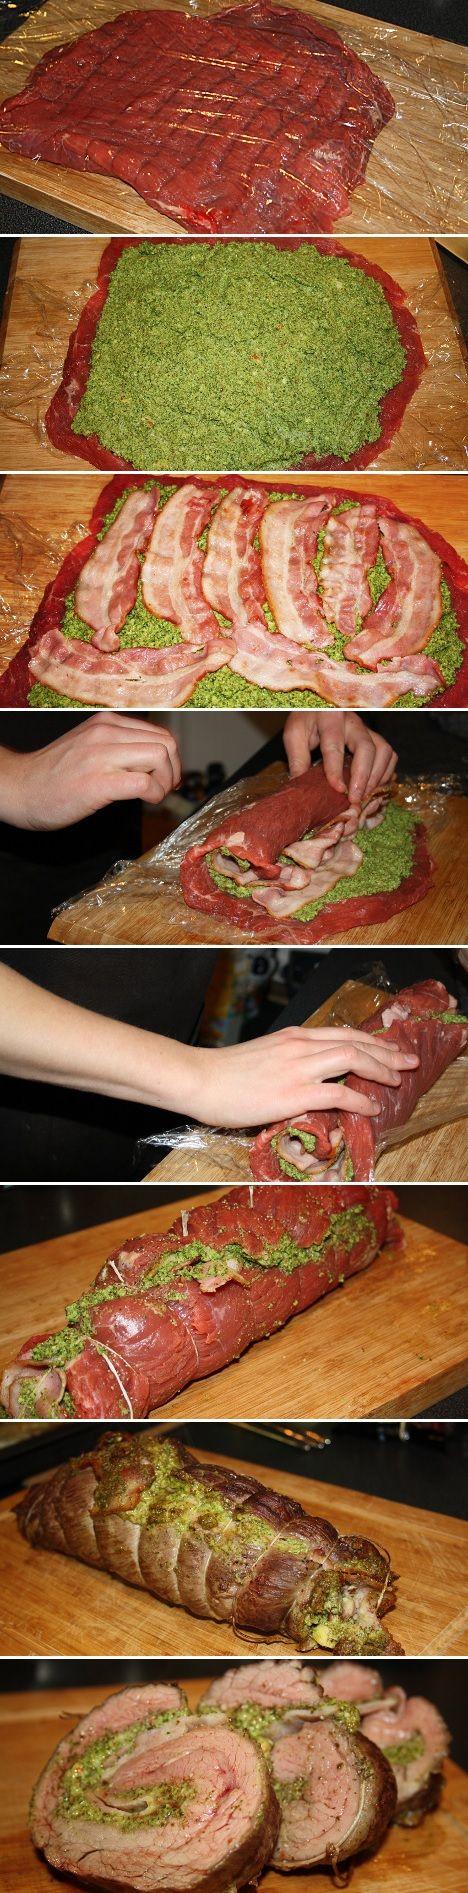 Lækker kødroulade af flankesteak med bacon og krydret hjemmelavet pesto - trin for trin.